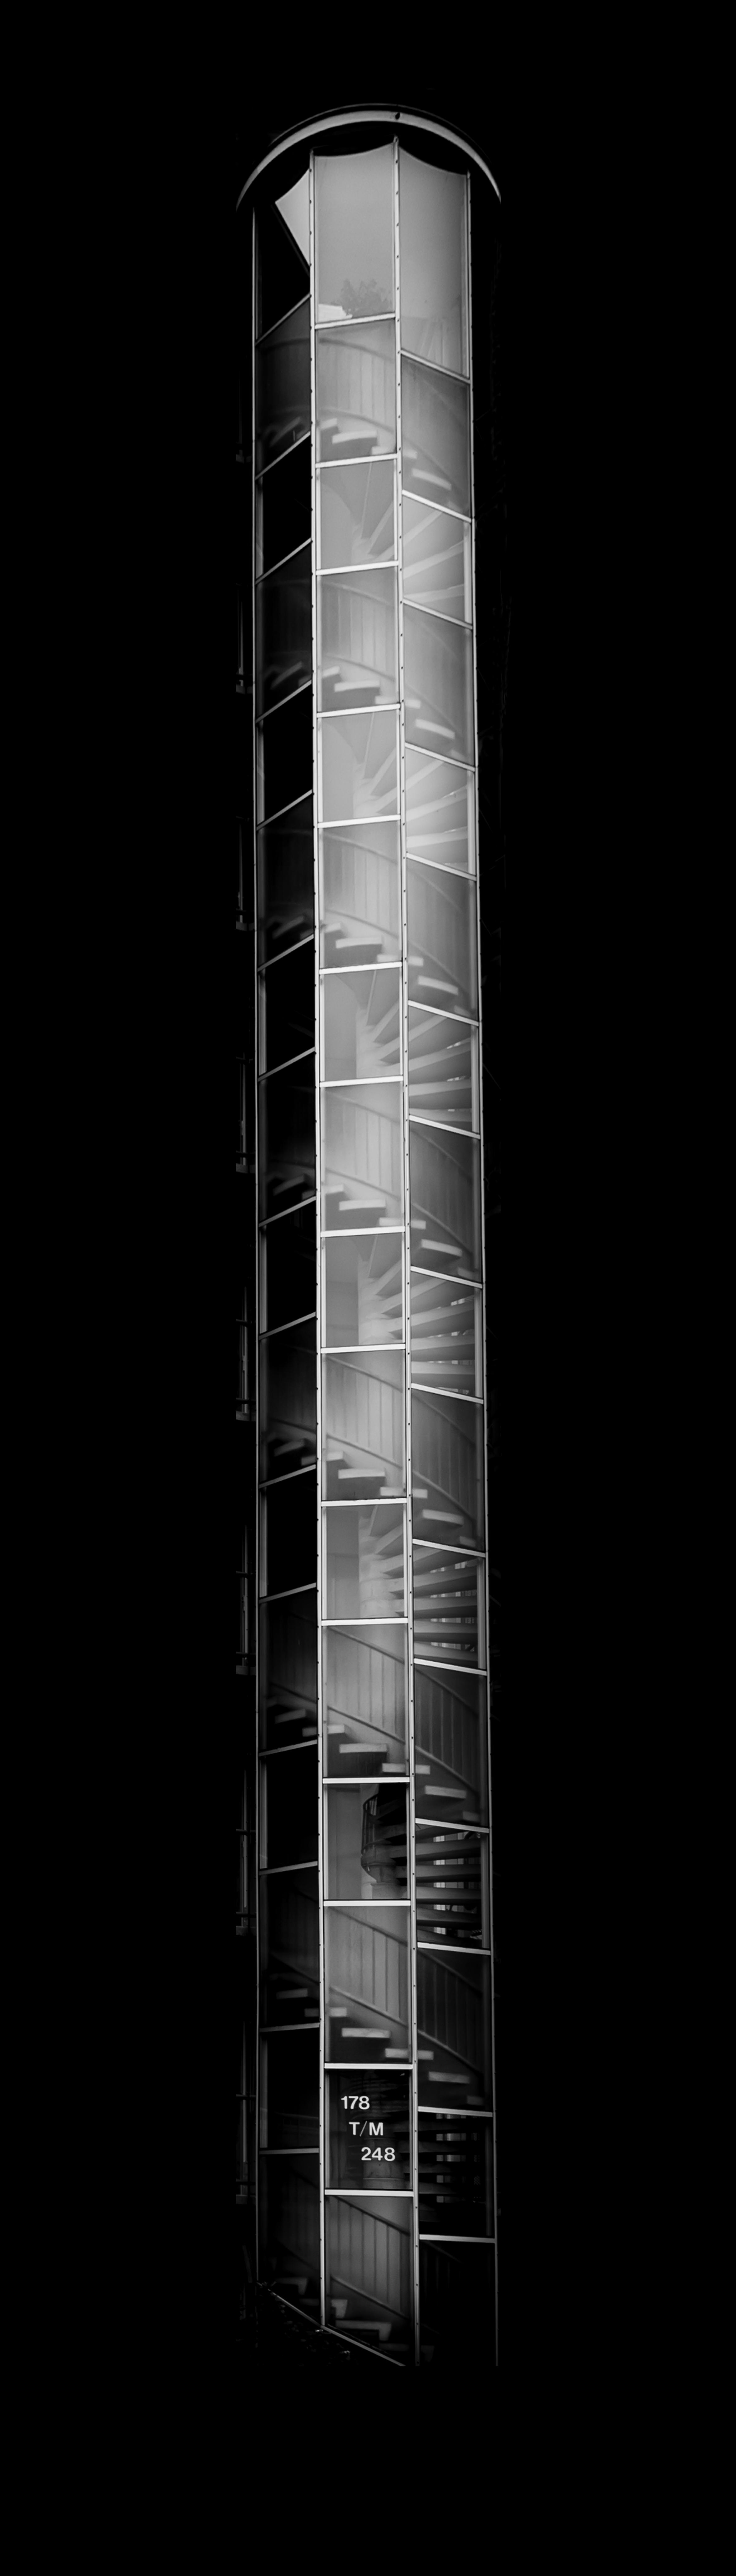 1.Glazen Trappenhuis.jpg